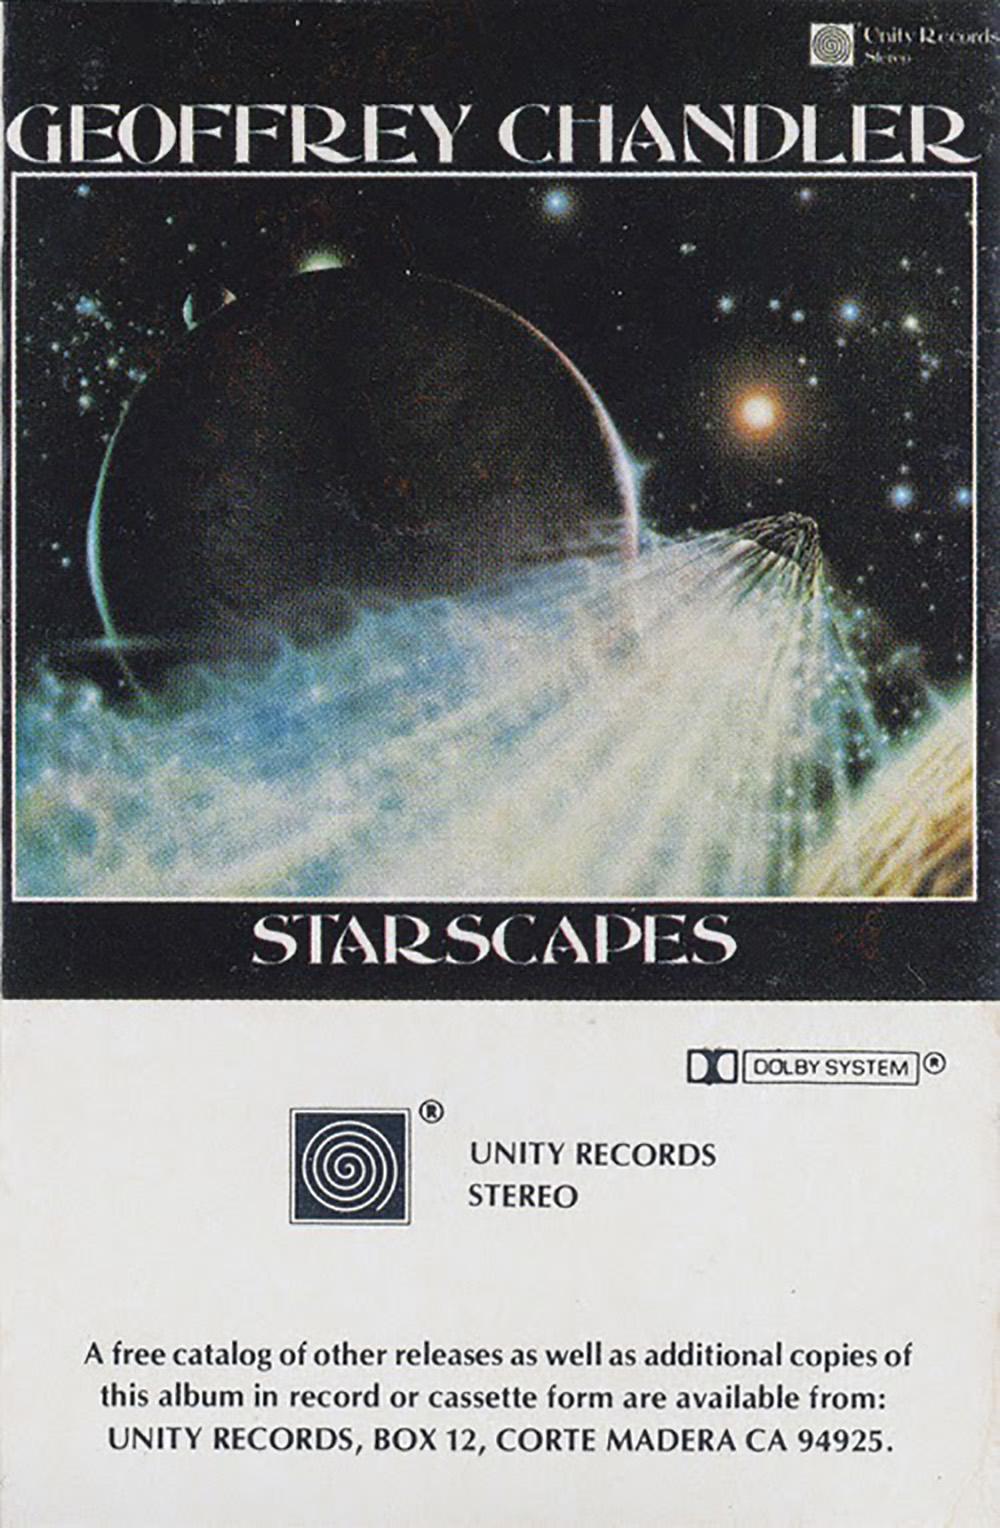 geoffrey_chandler_starscapes